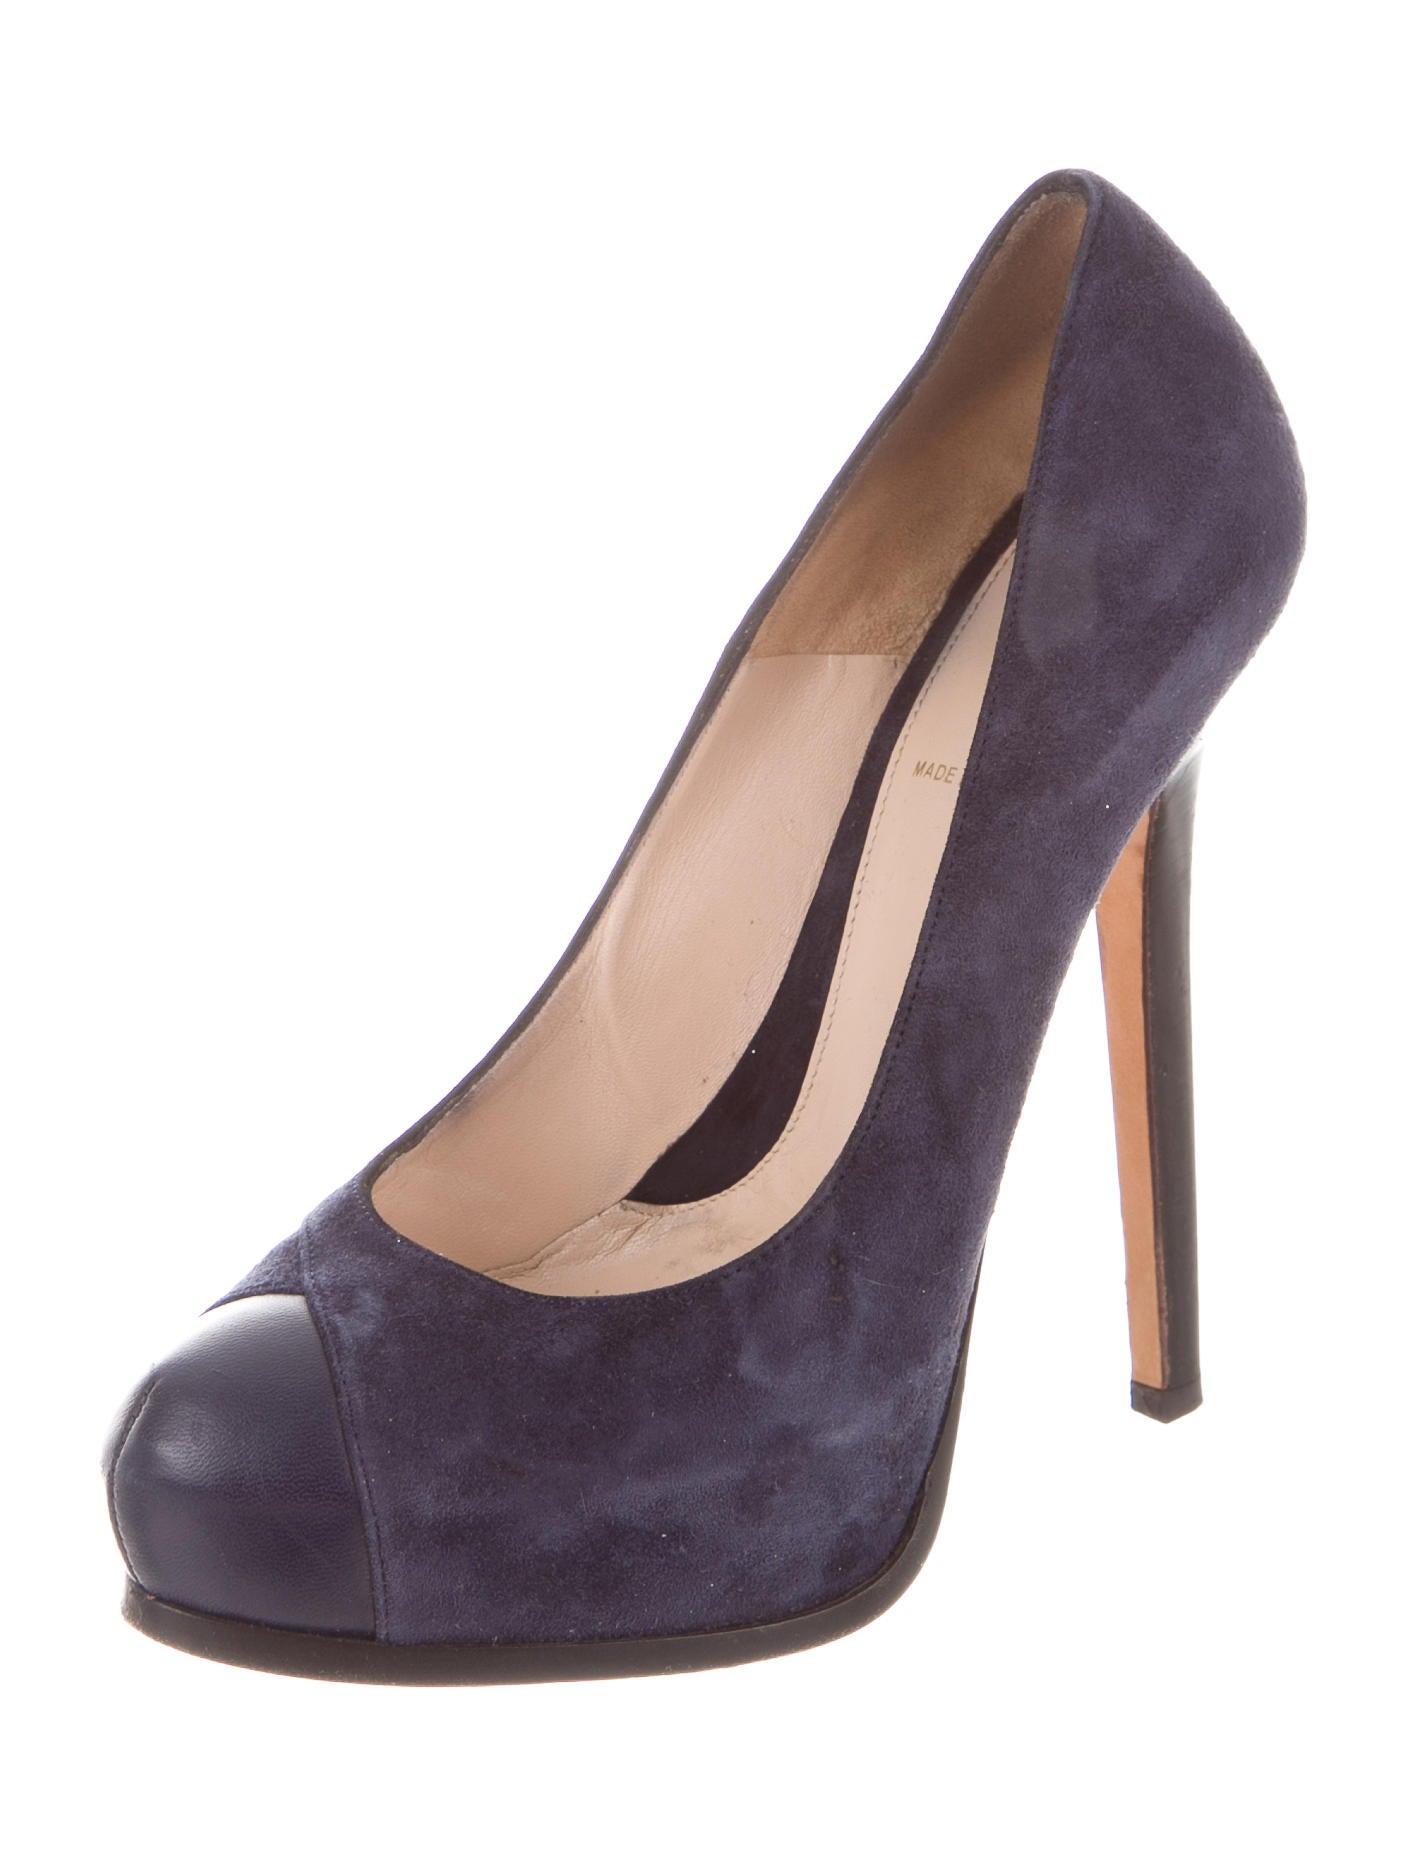 fendi suede platform pumps shoes fen45950 the realreal